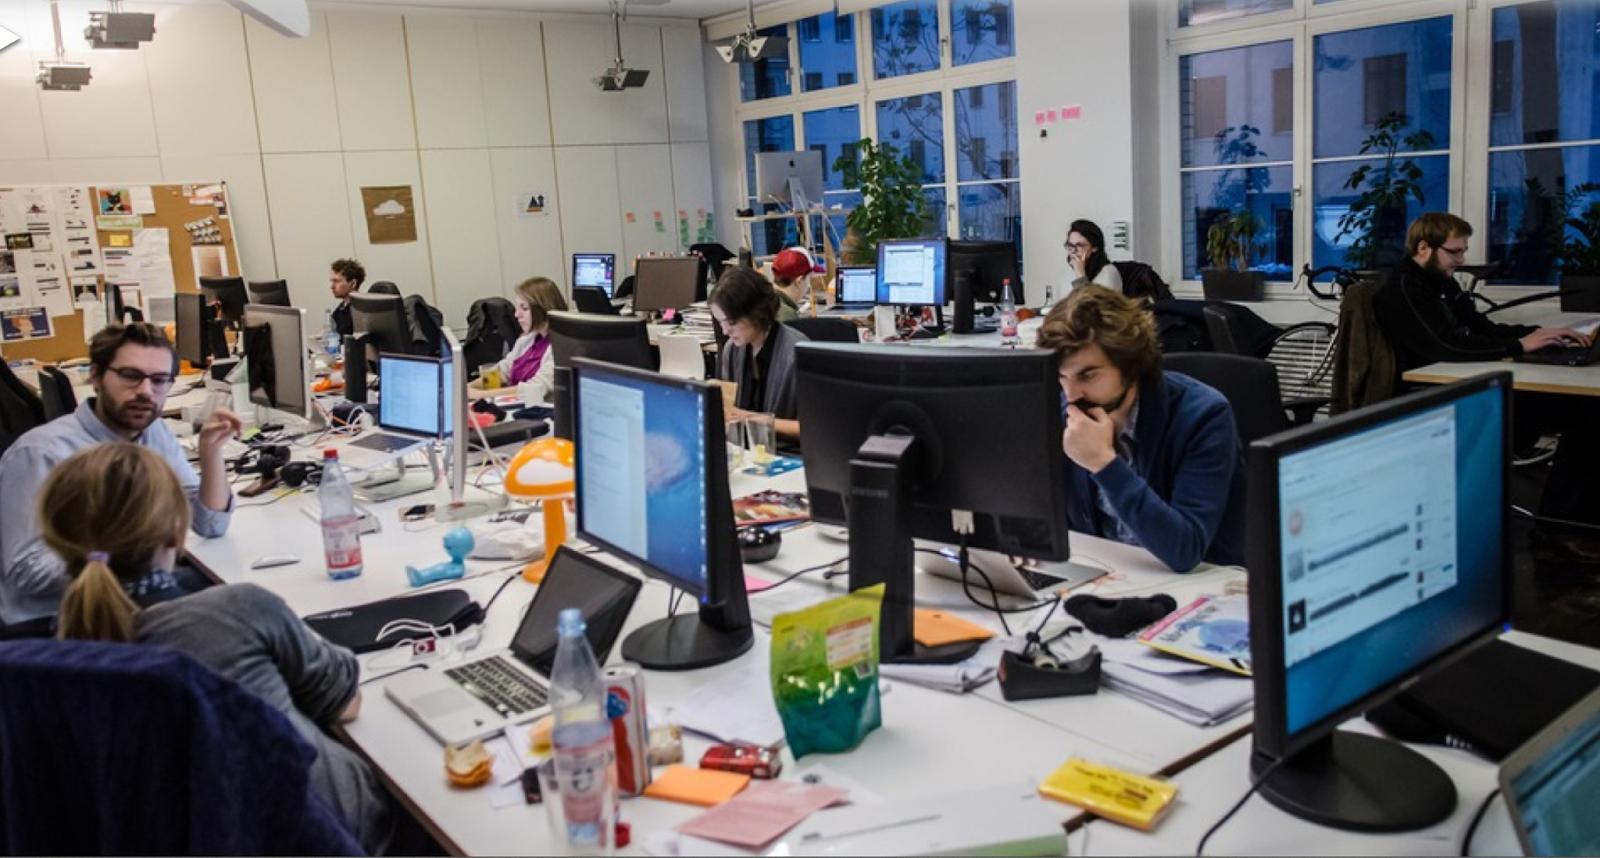 Ubicuidad juandon innovaci n y conocimiento for Que hay en una oficina de trabajo